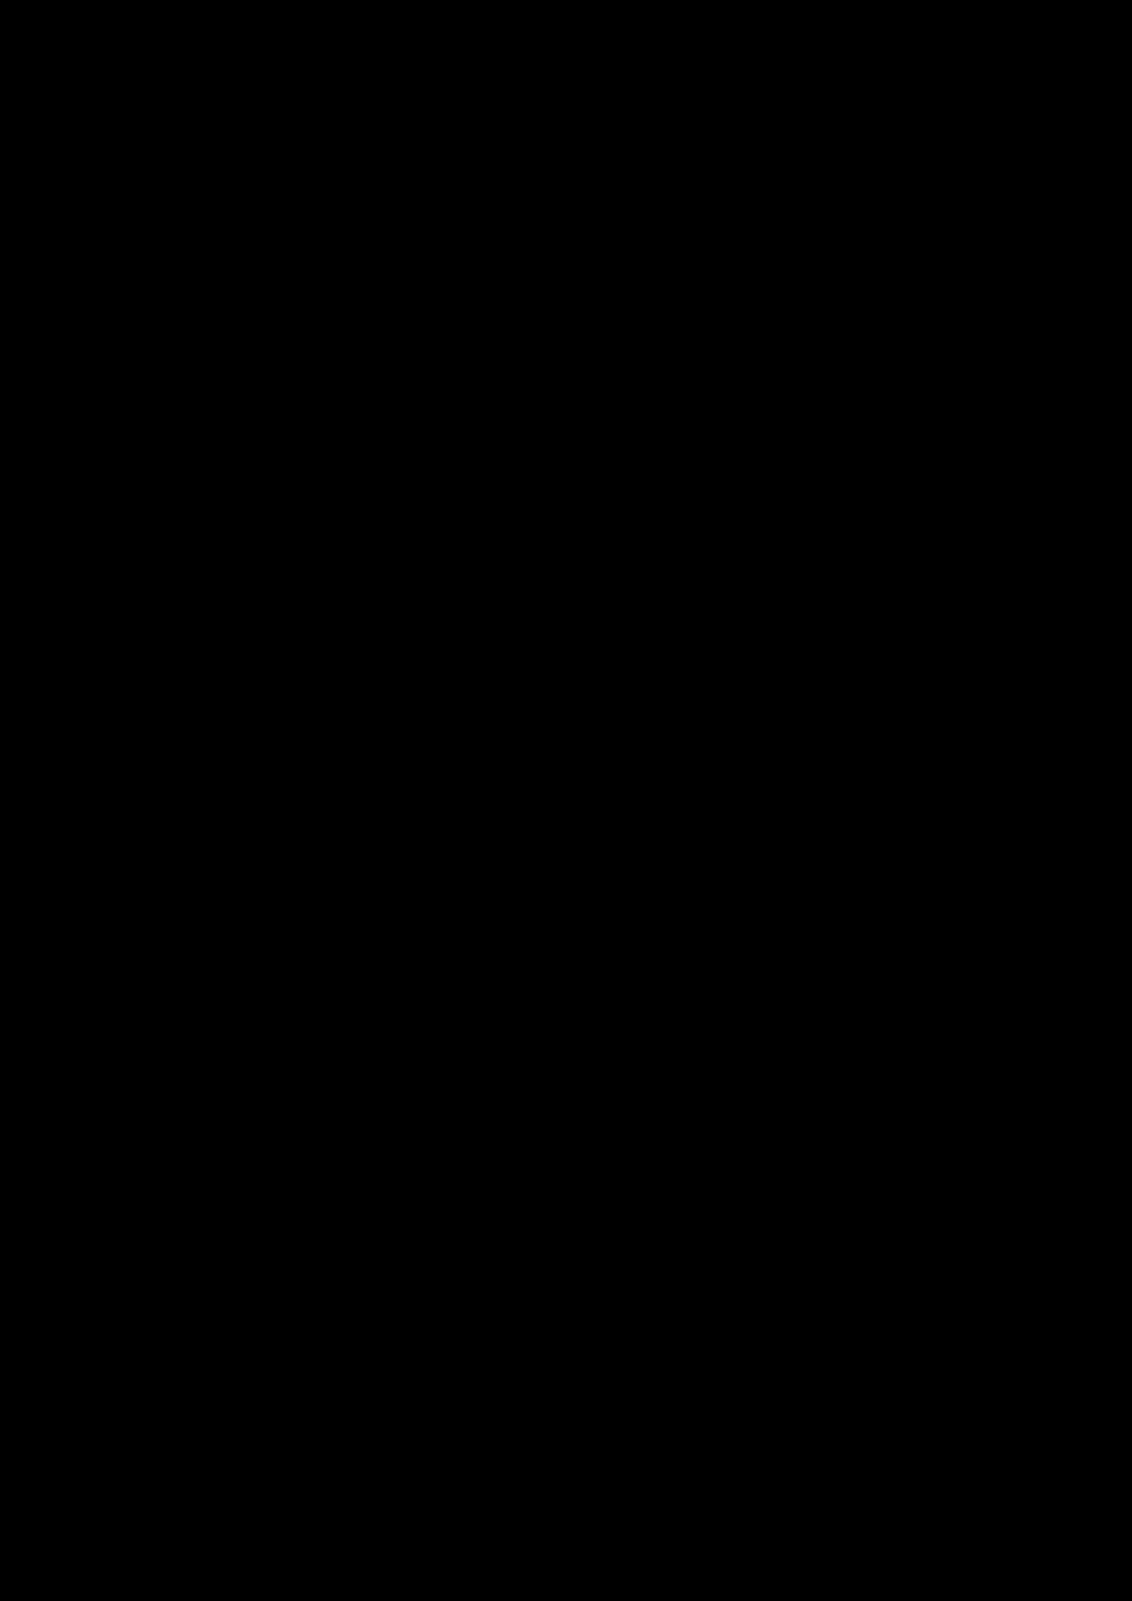 Serdtse slide, Image 69